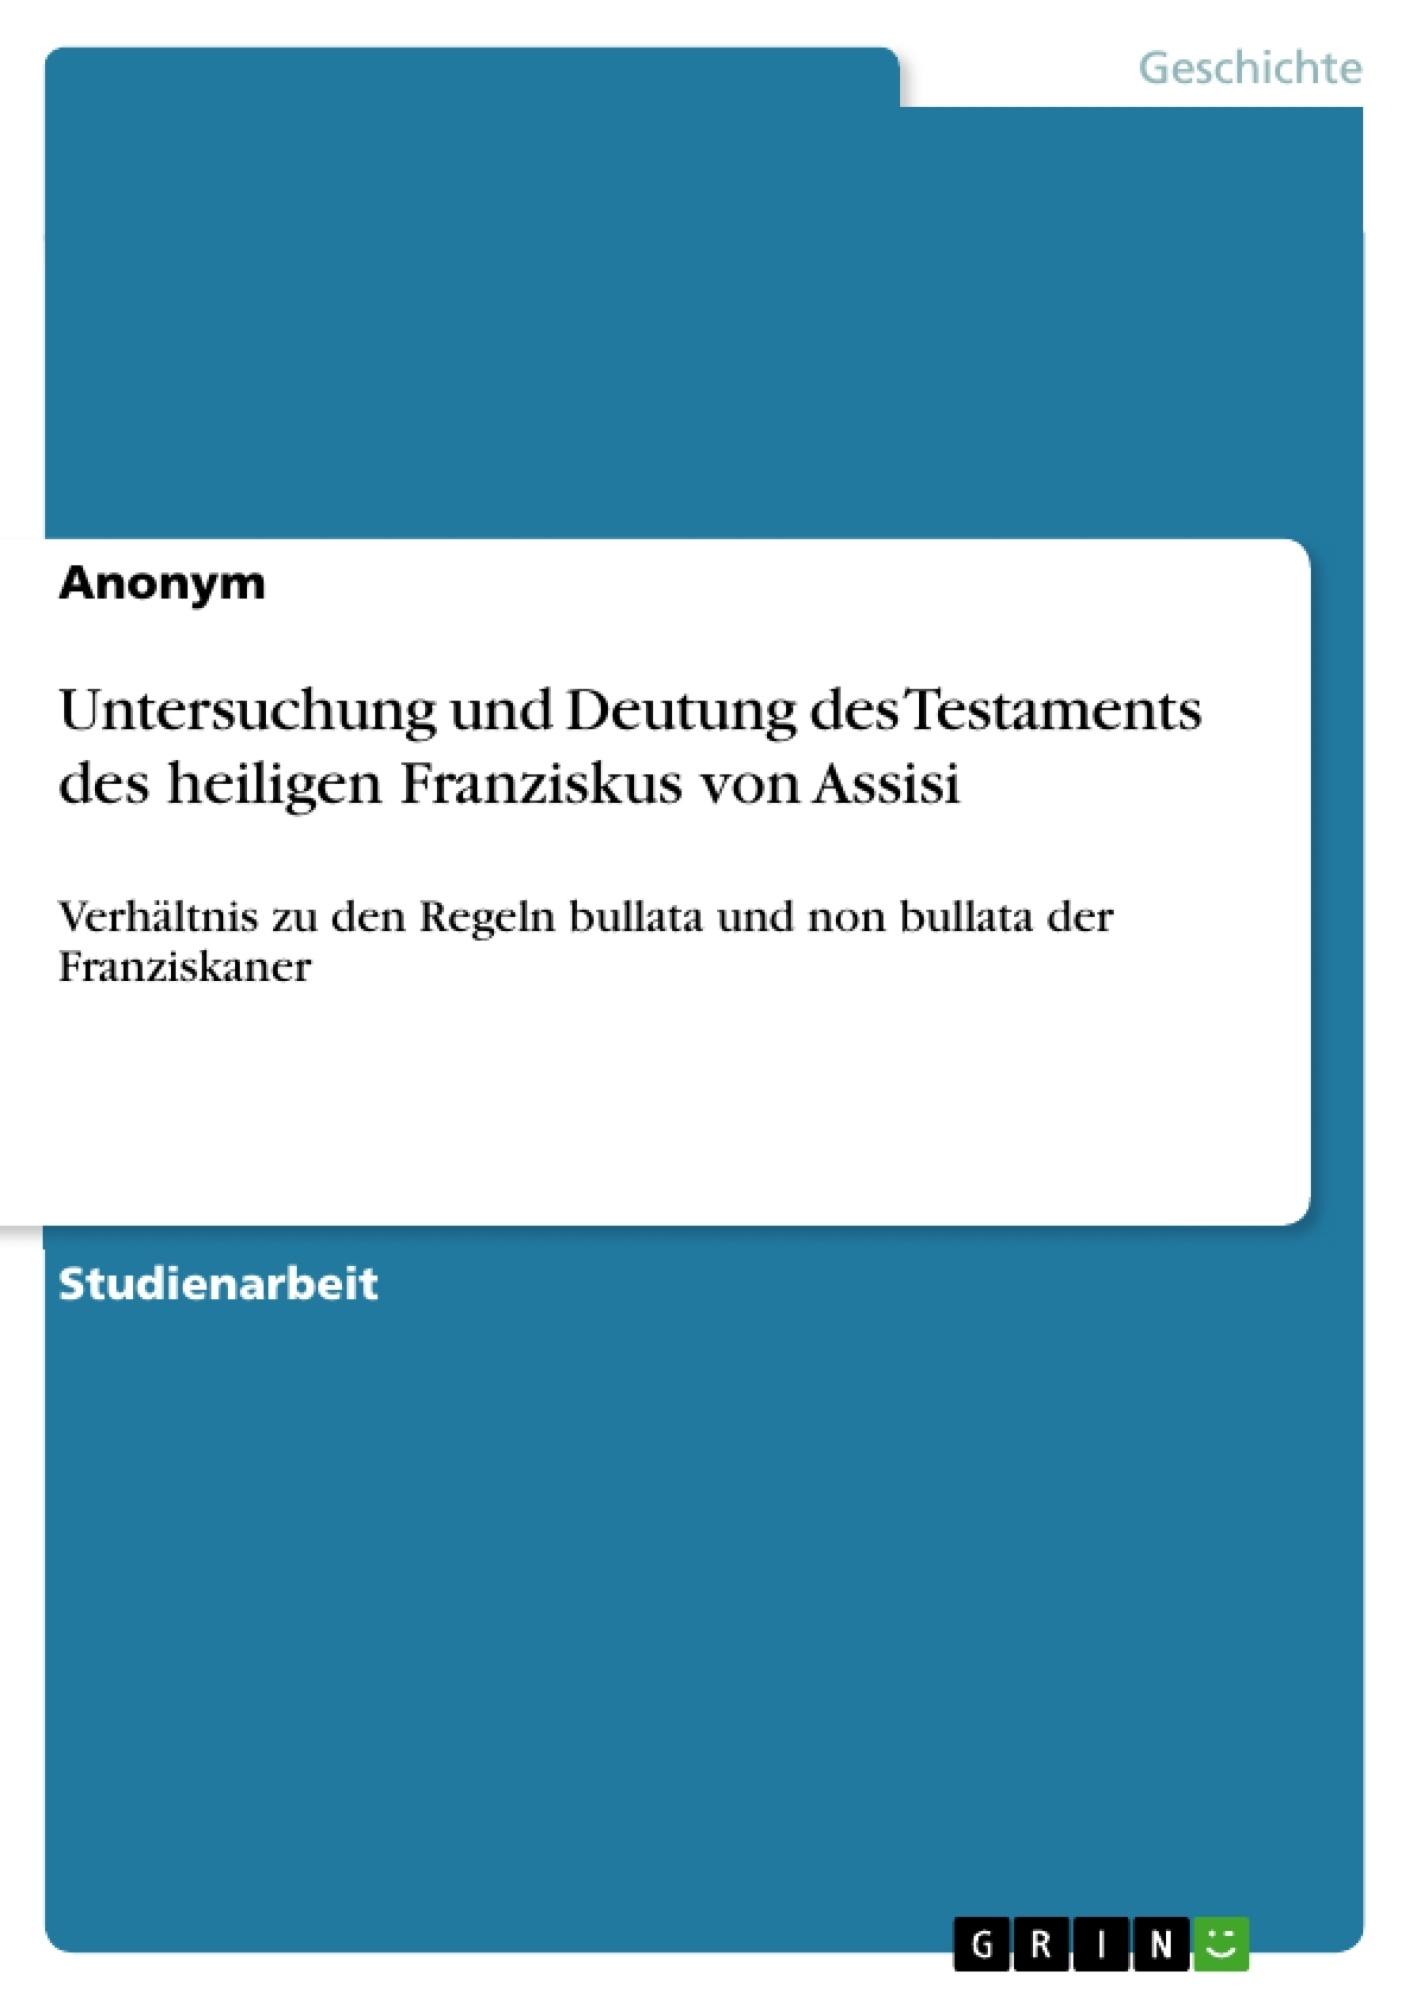 Titel: Untersuchung und Deutung des Testaments des heiligen Franziskus von Assisi